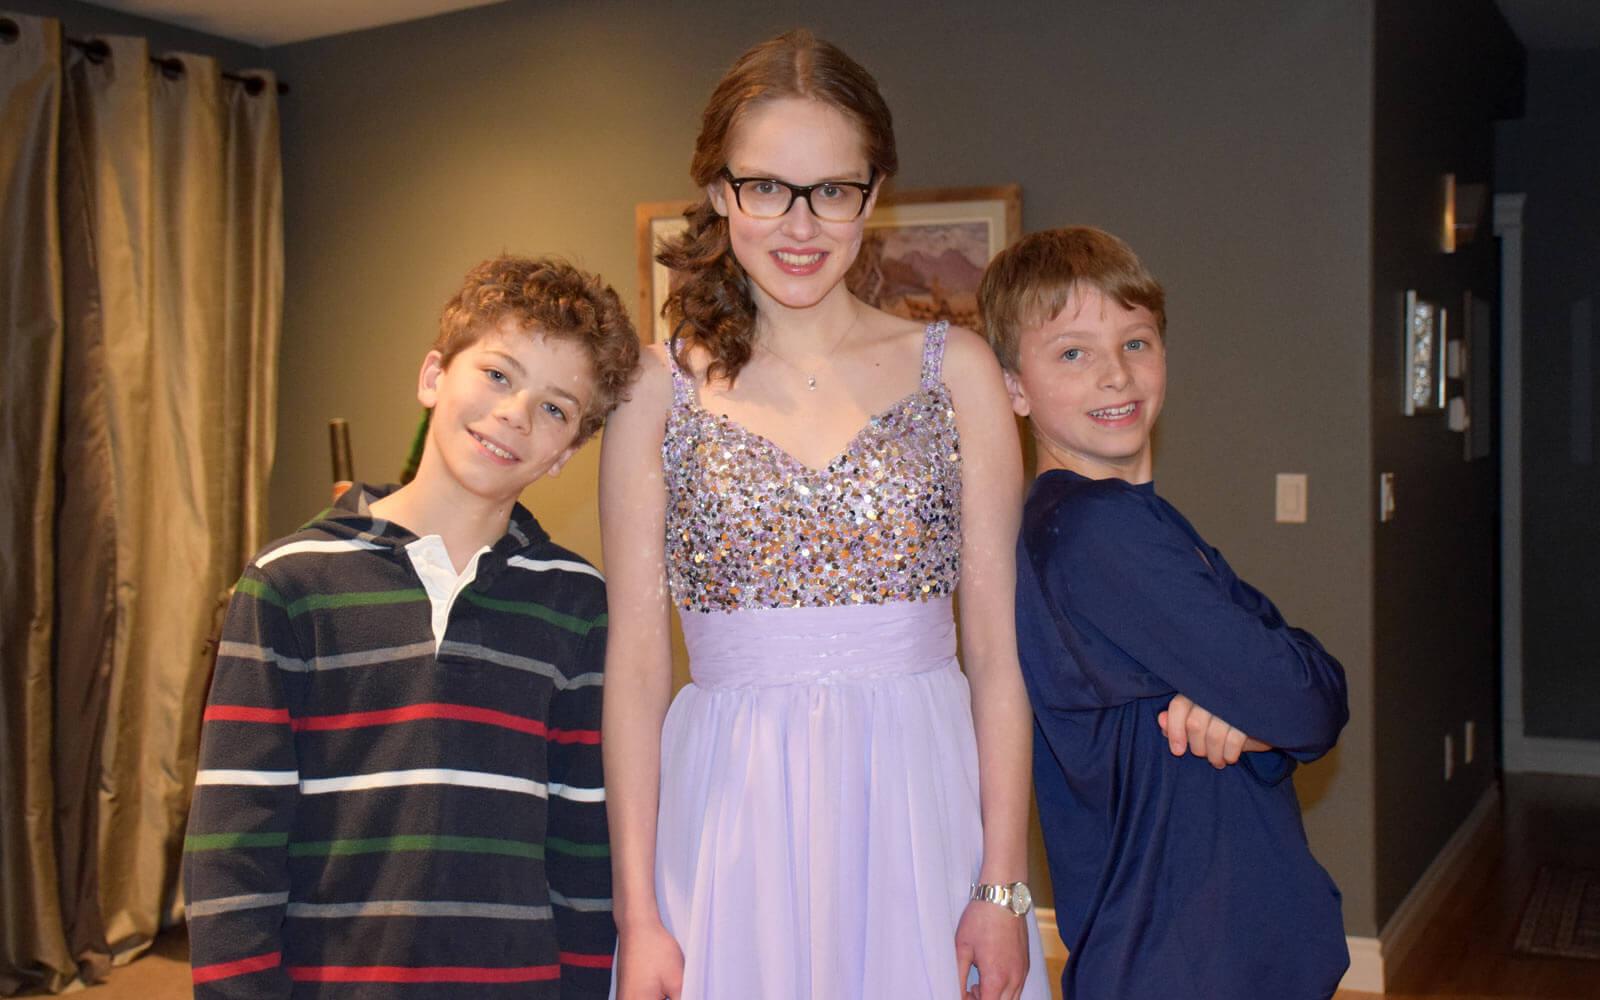 Mette im Snowball-Dress mit ihren Gastbrüdern